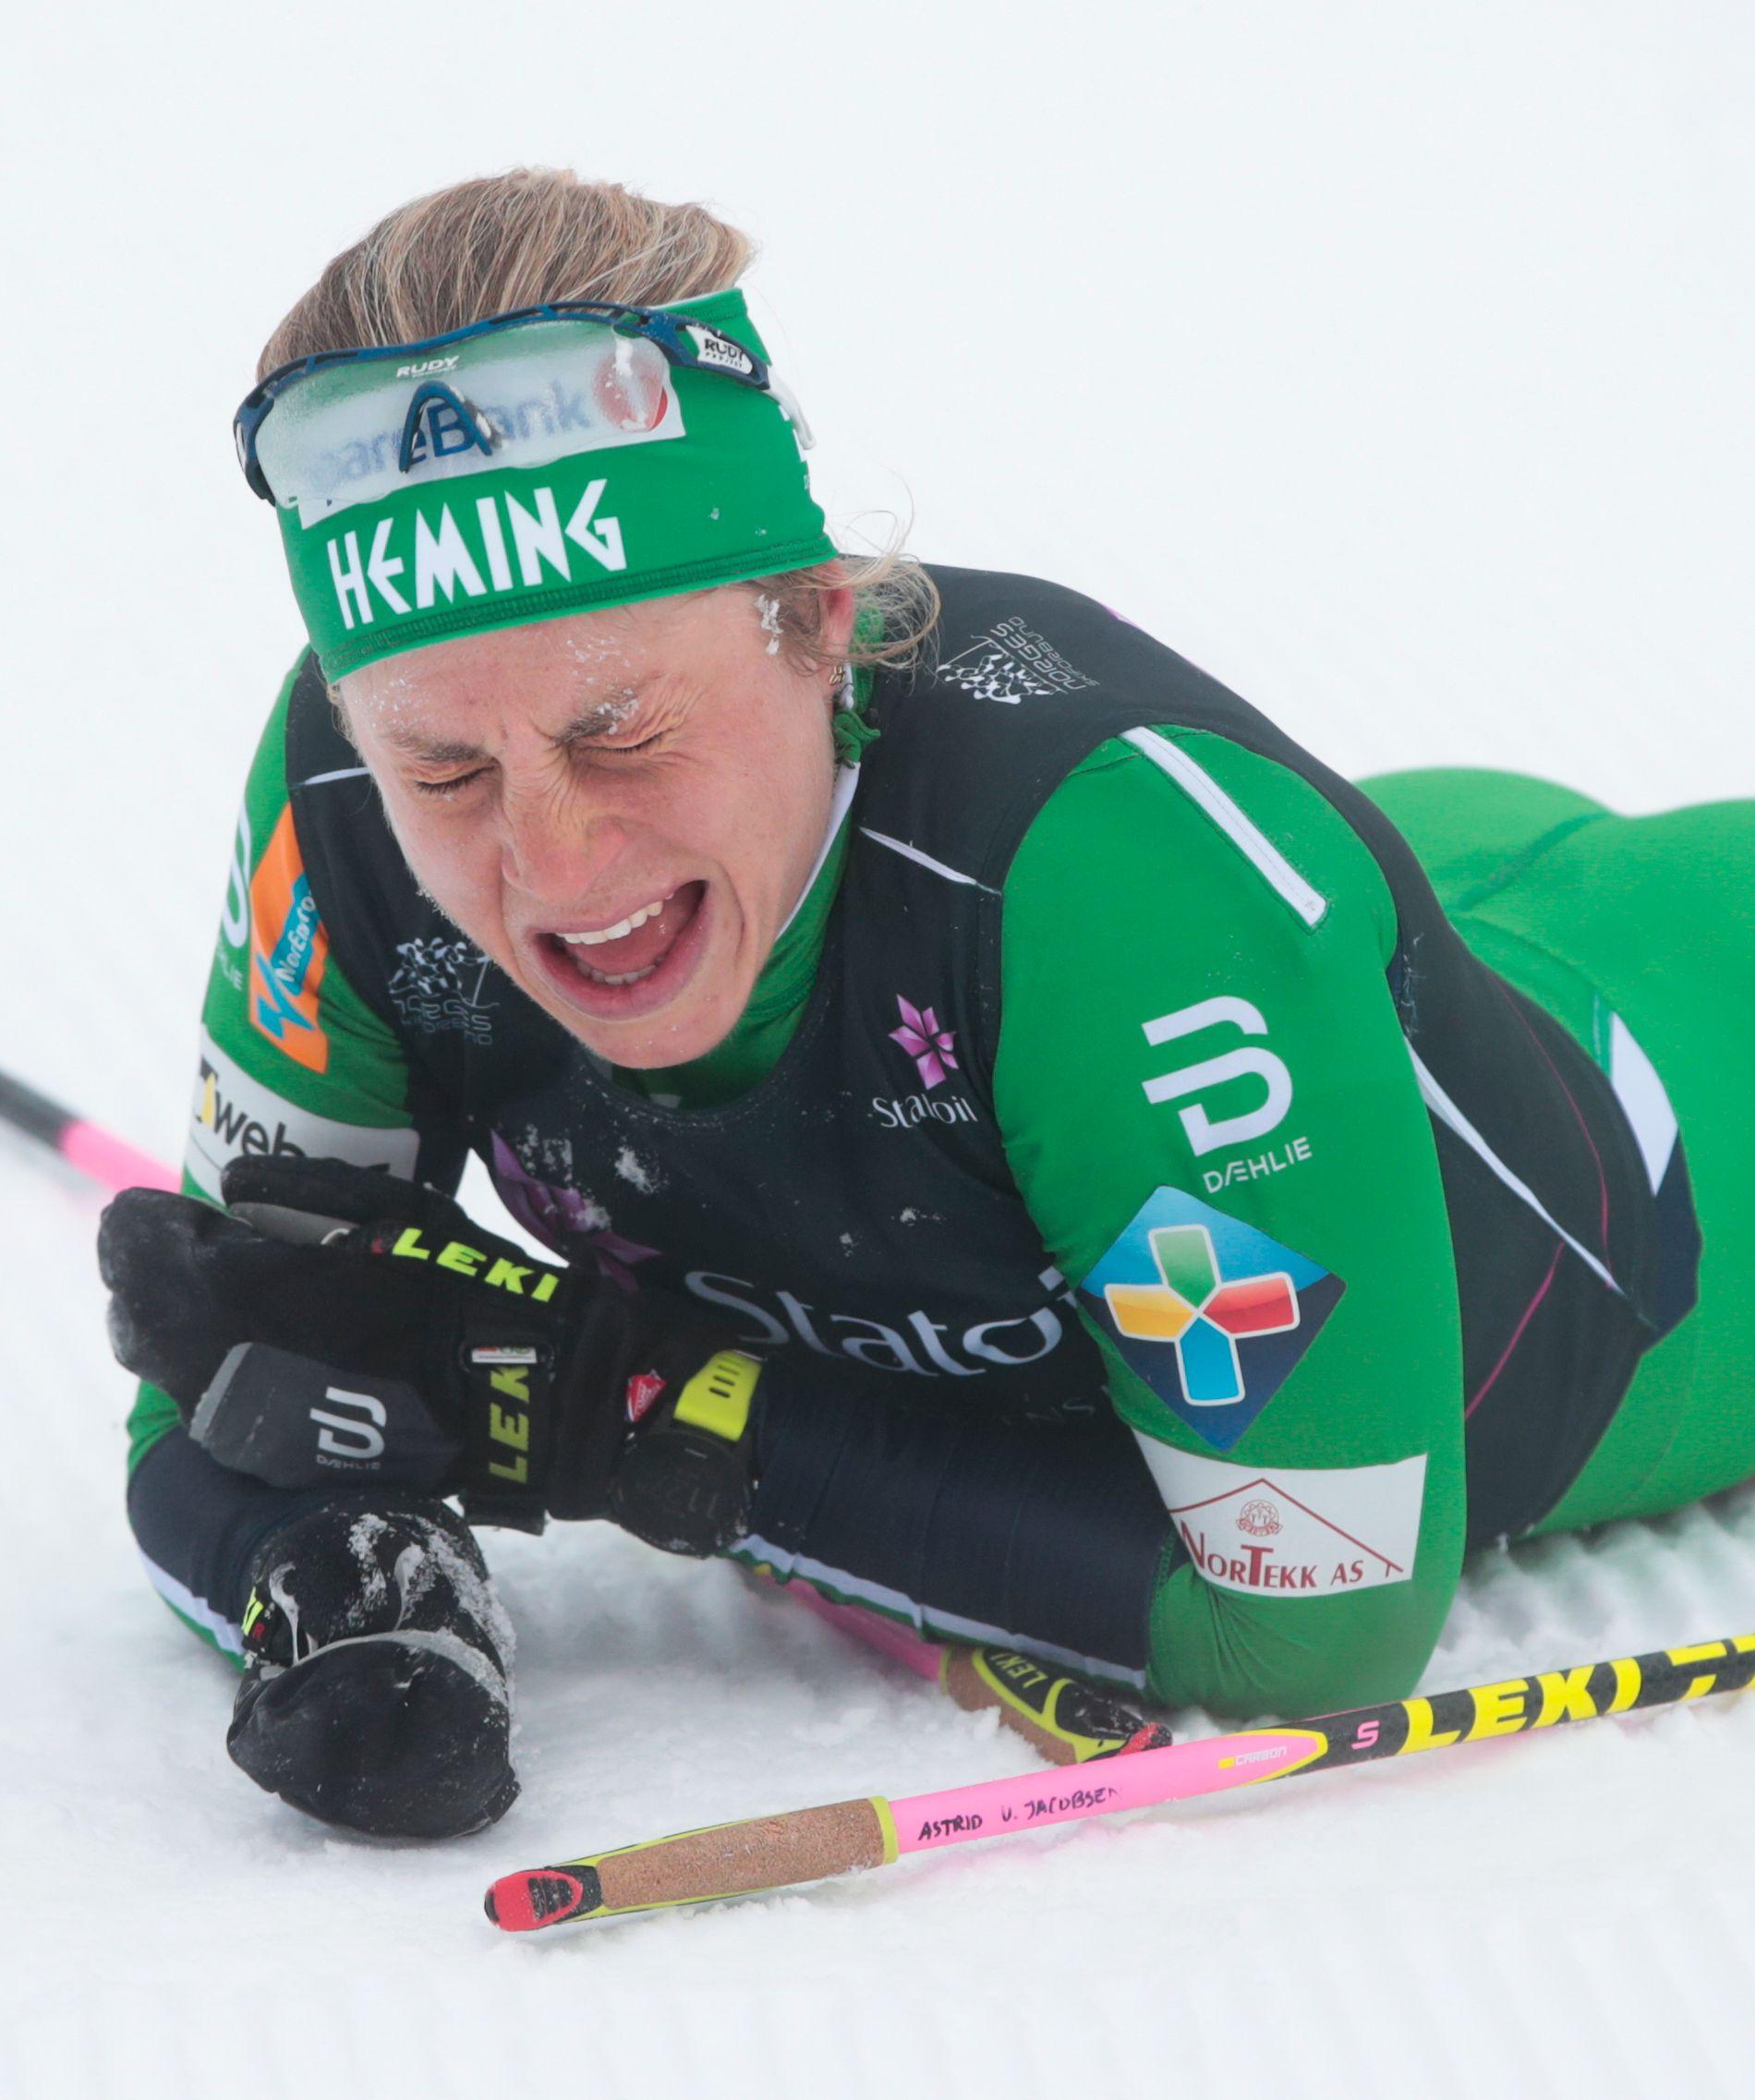 STRESSET: Astrid Uhrenholdt Jacobsen viser stigende form. Her er hun utslitt etter 15 km på NM.